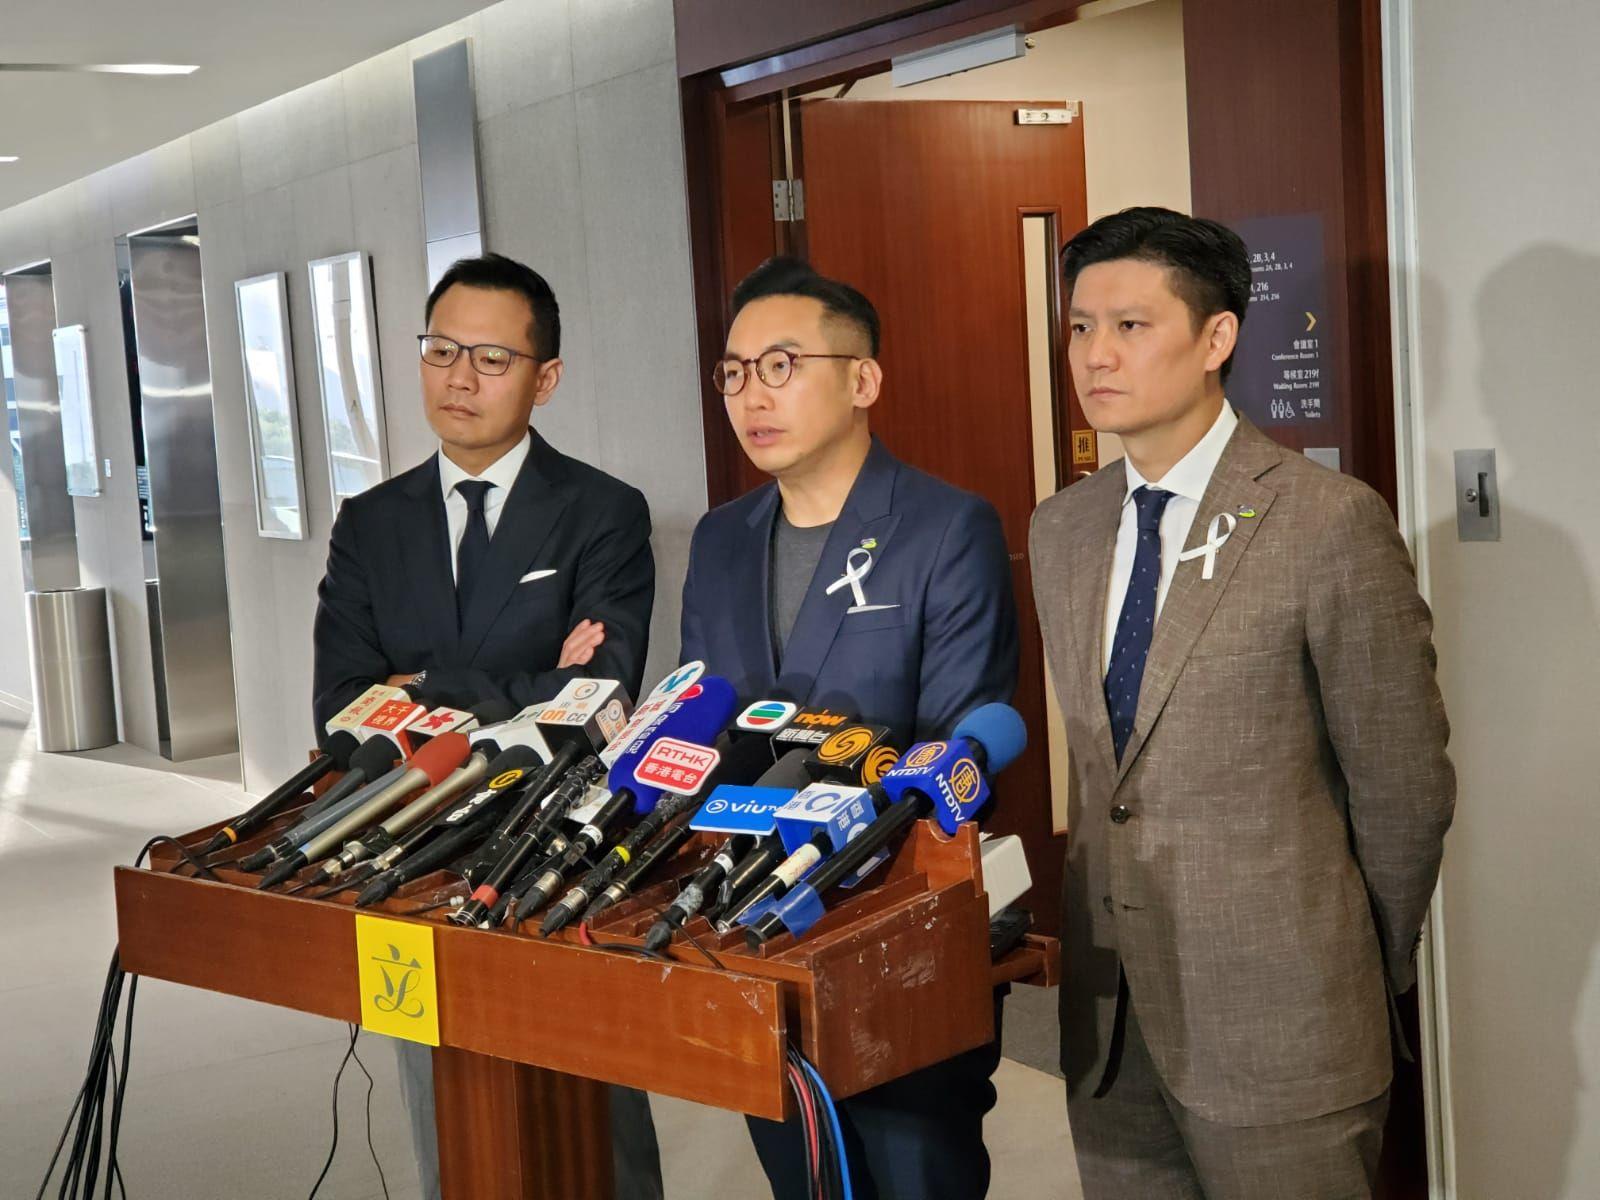 公民黨去信要求律政司就周梓樂的離世召開死因調查。